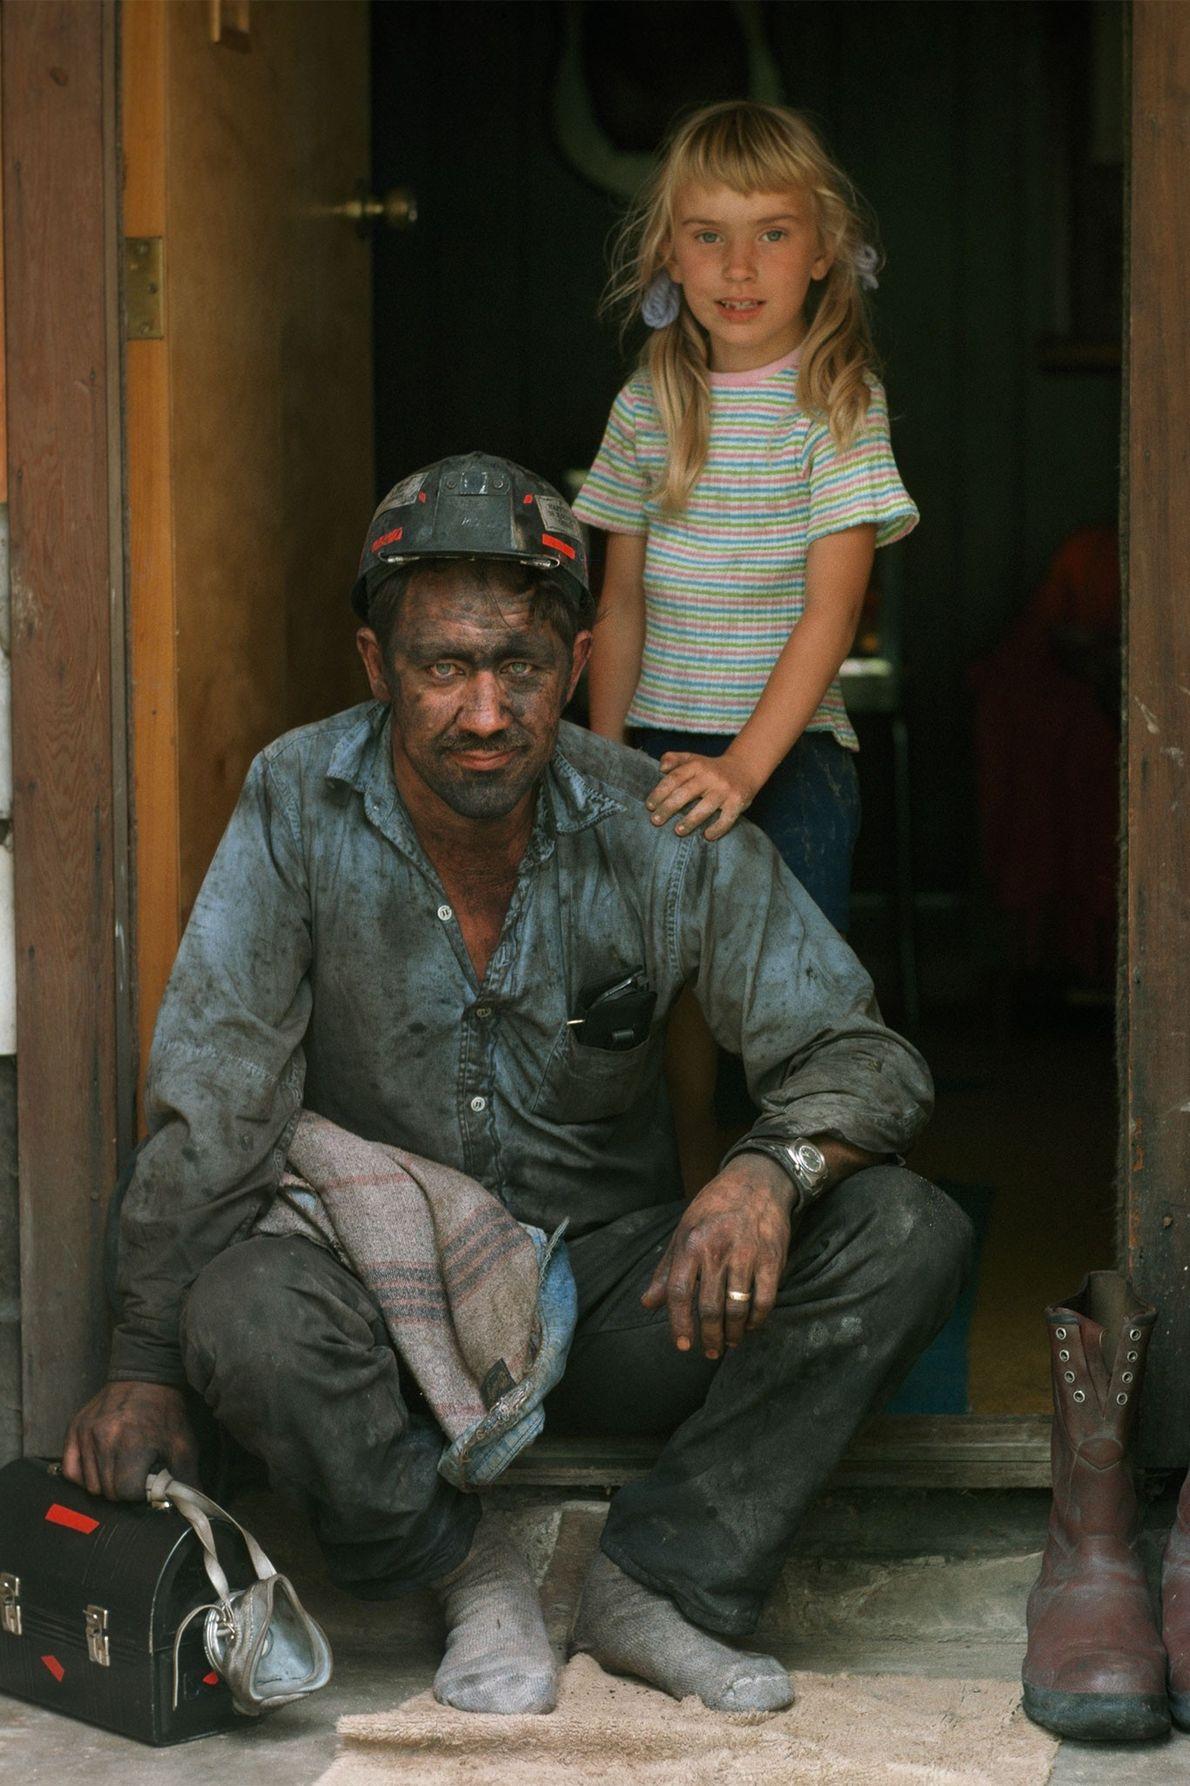 À Bayard, en Virginie-occidentale, un mineur pose, assis sur le perron de sa maison. Sa fille ...